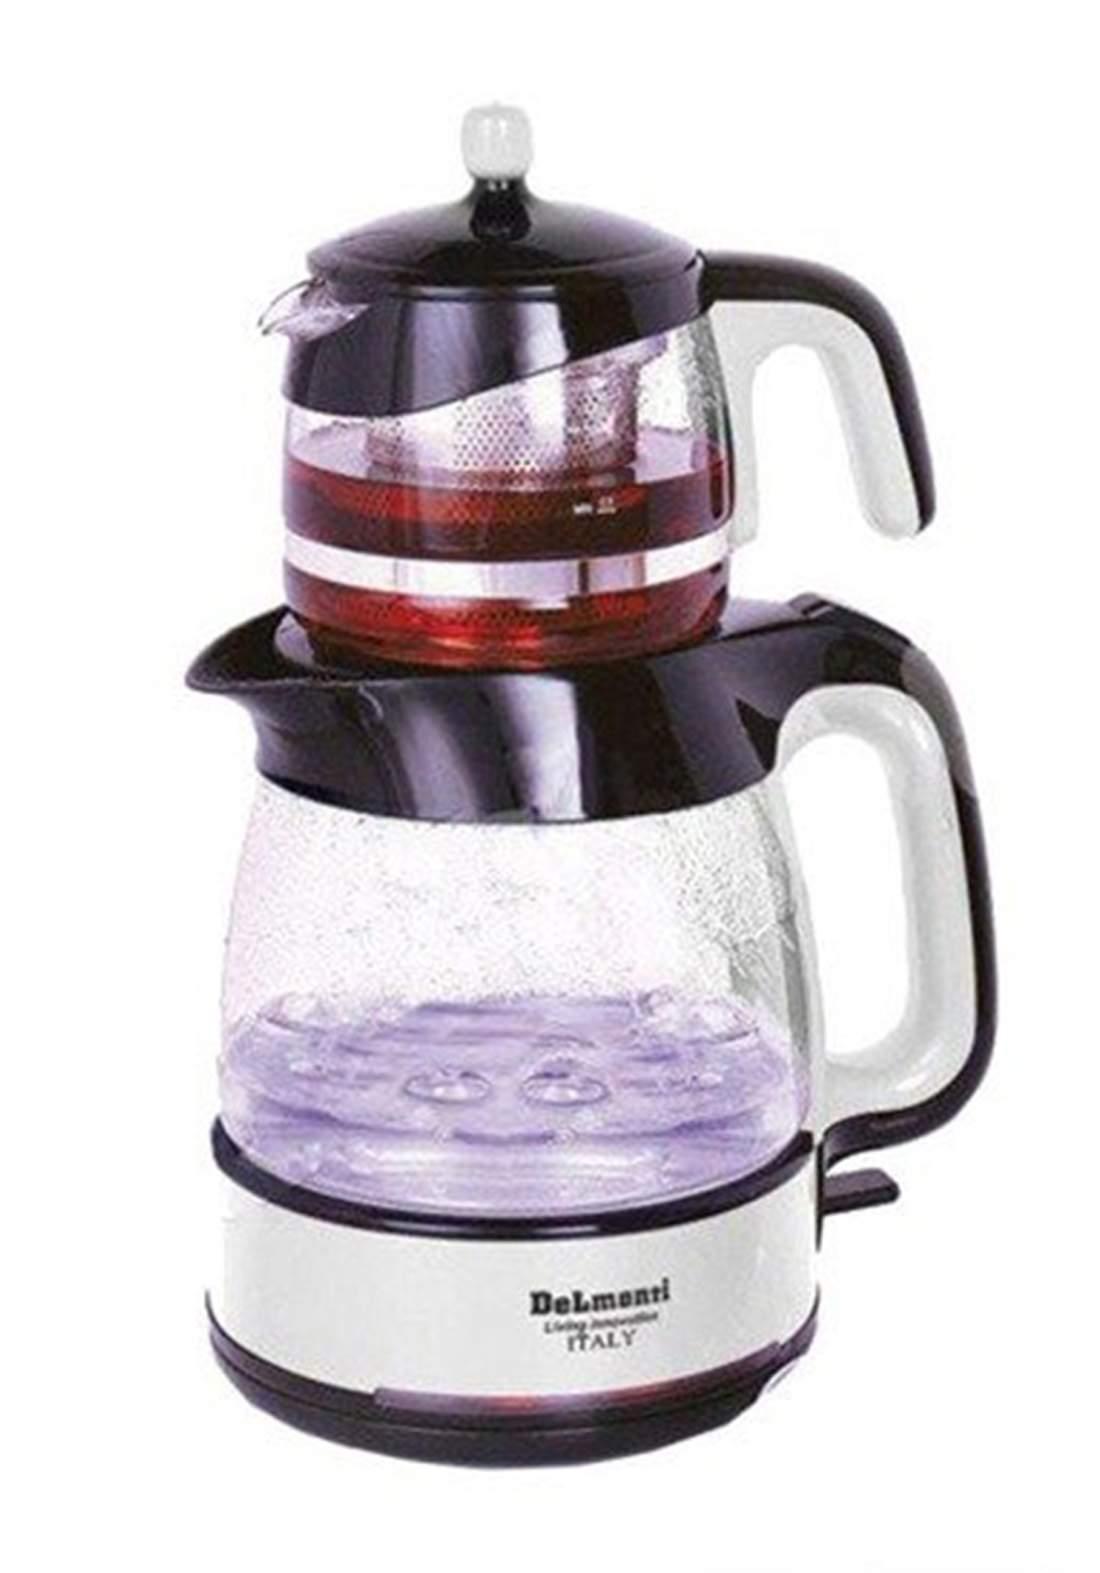 Delmonti DL400 tea maker ماكنة صنع الشاي